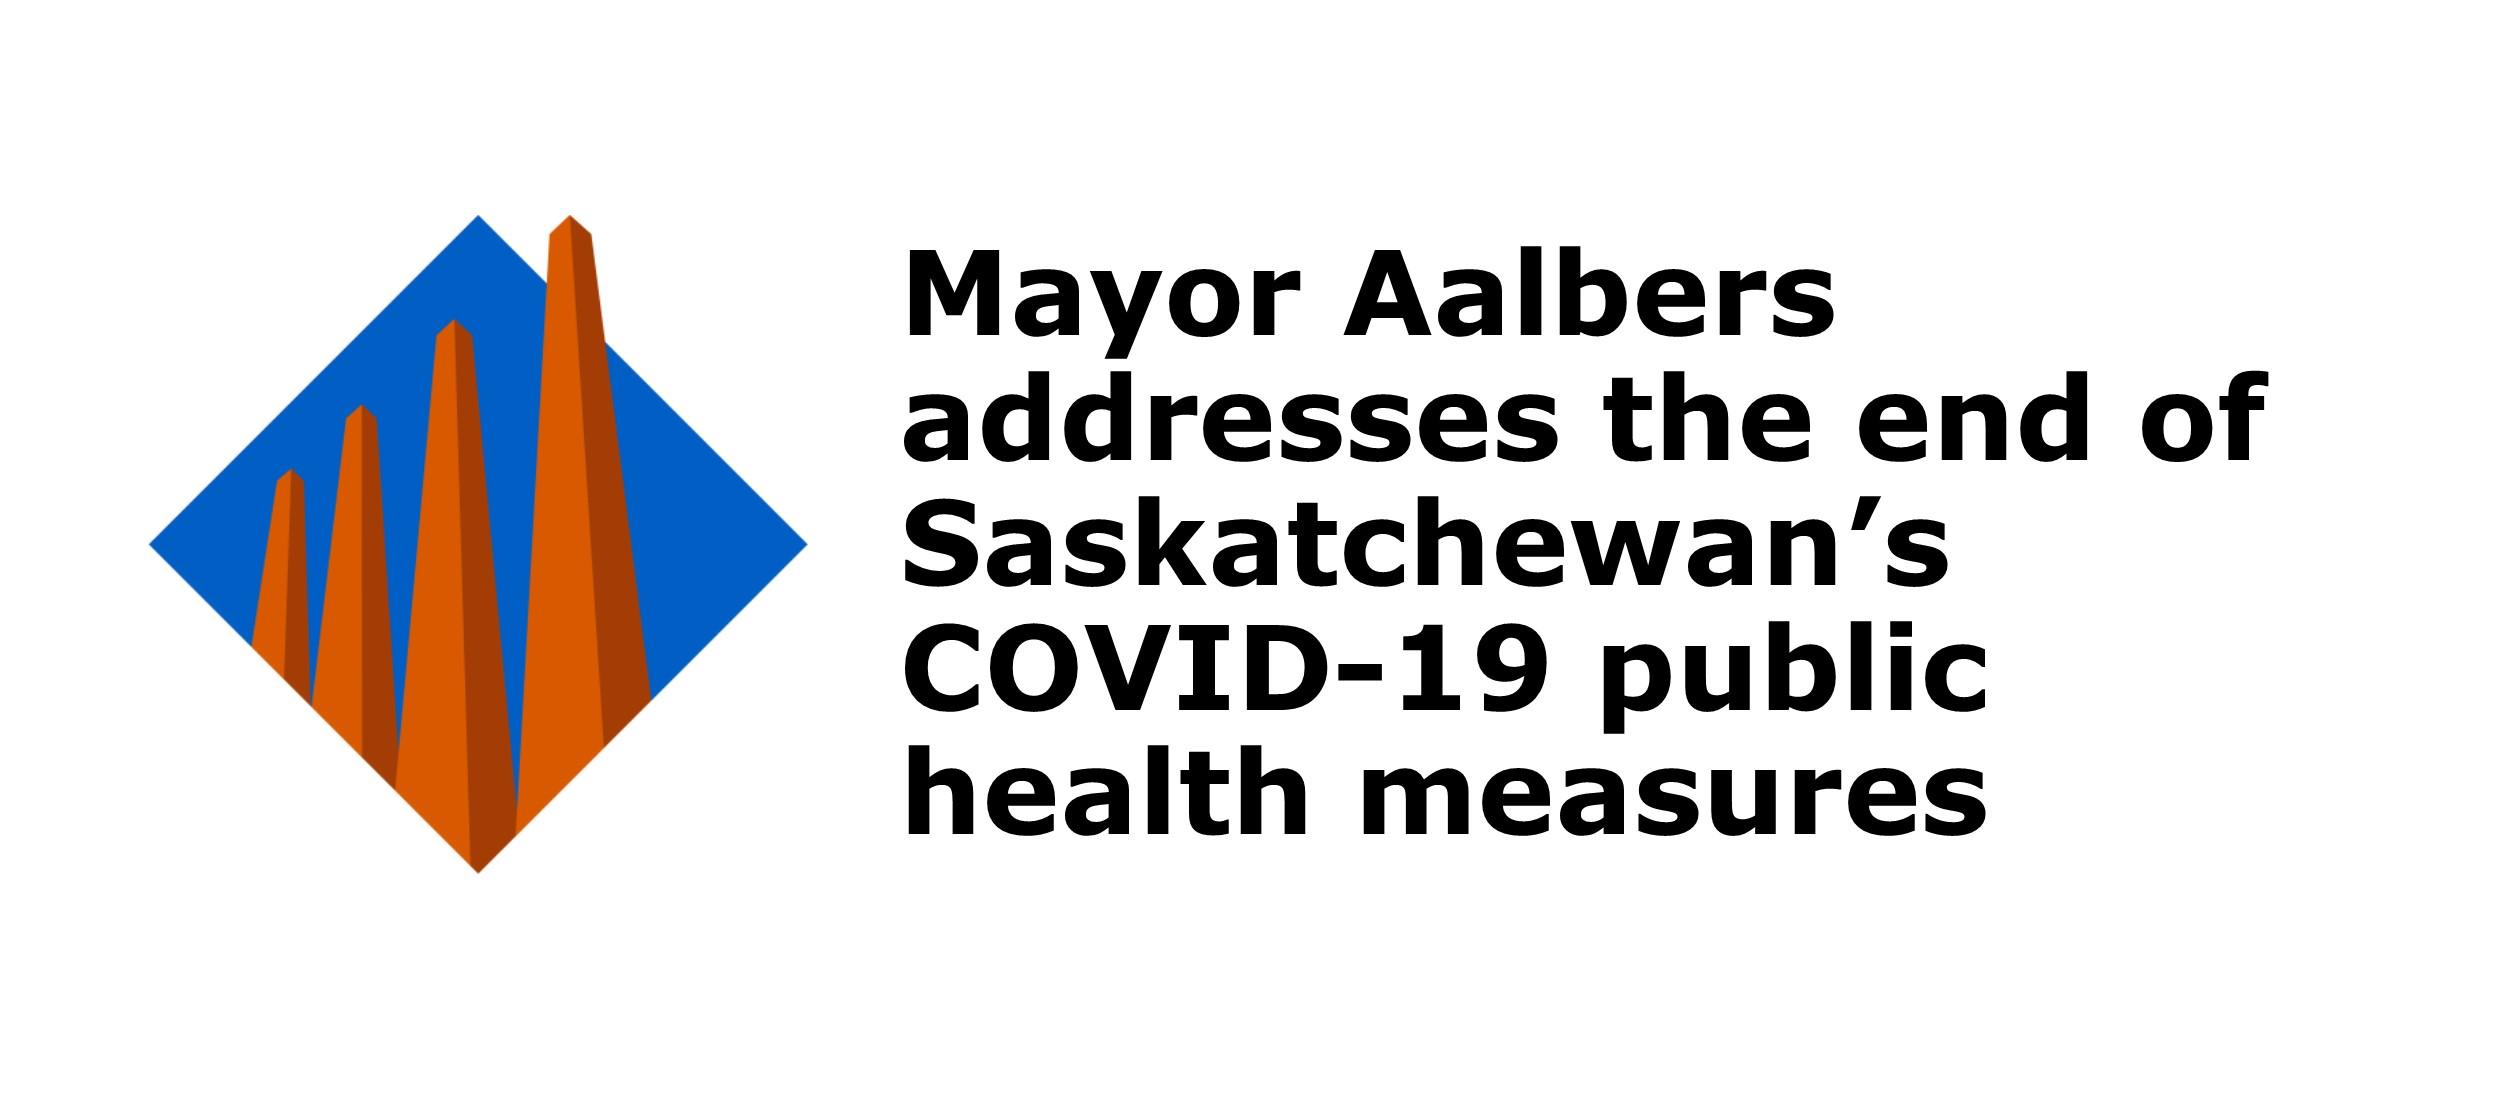 Mayor Gerald Aalbers addresses COVID-19